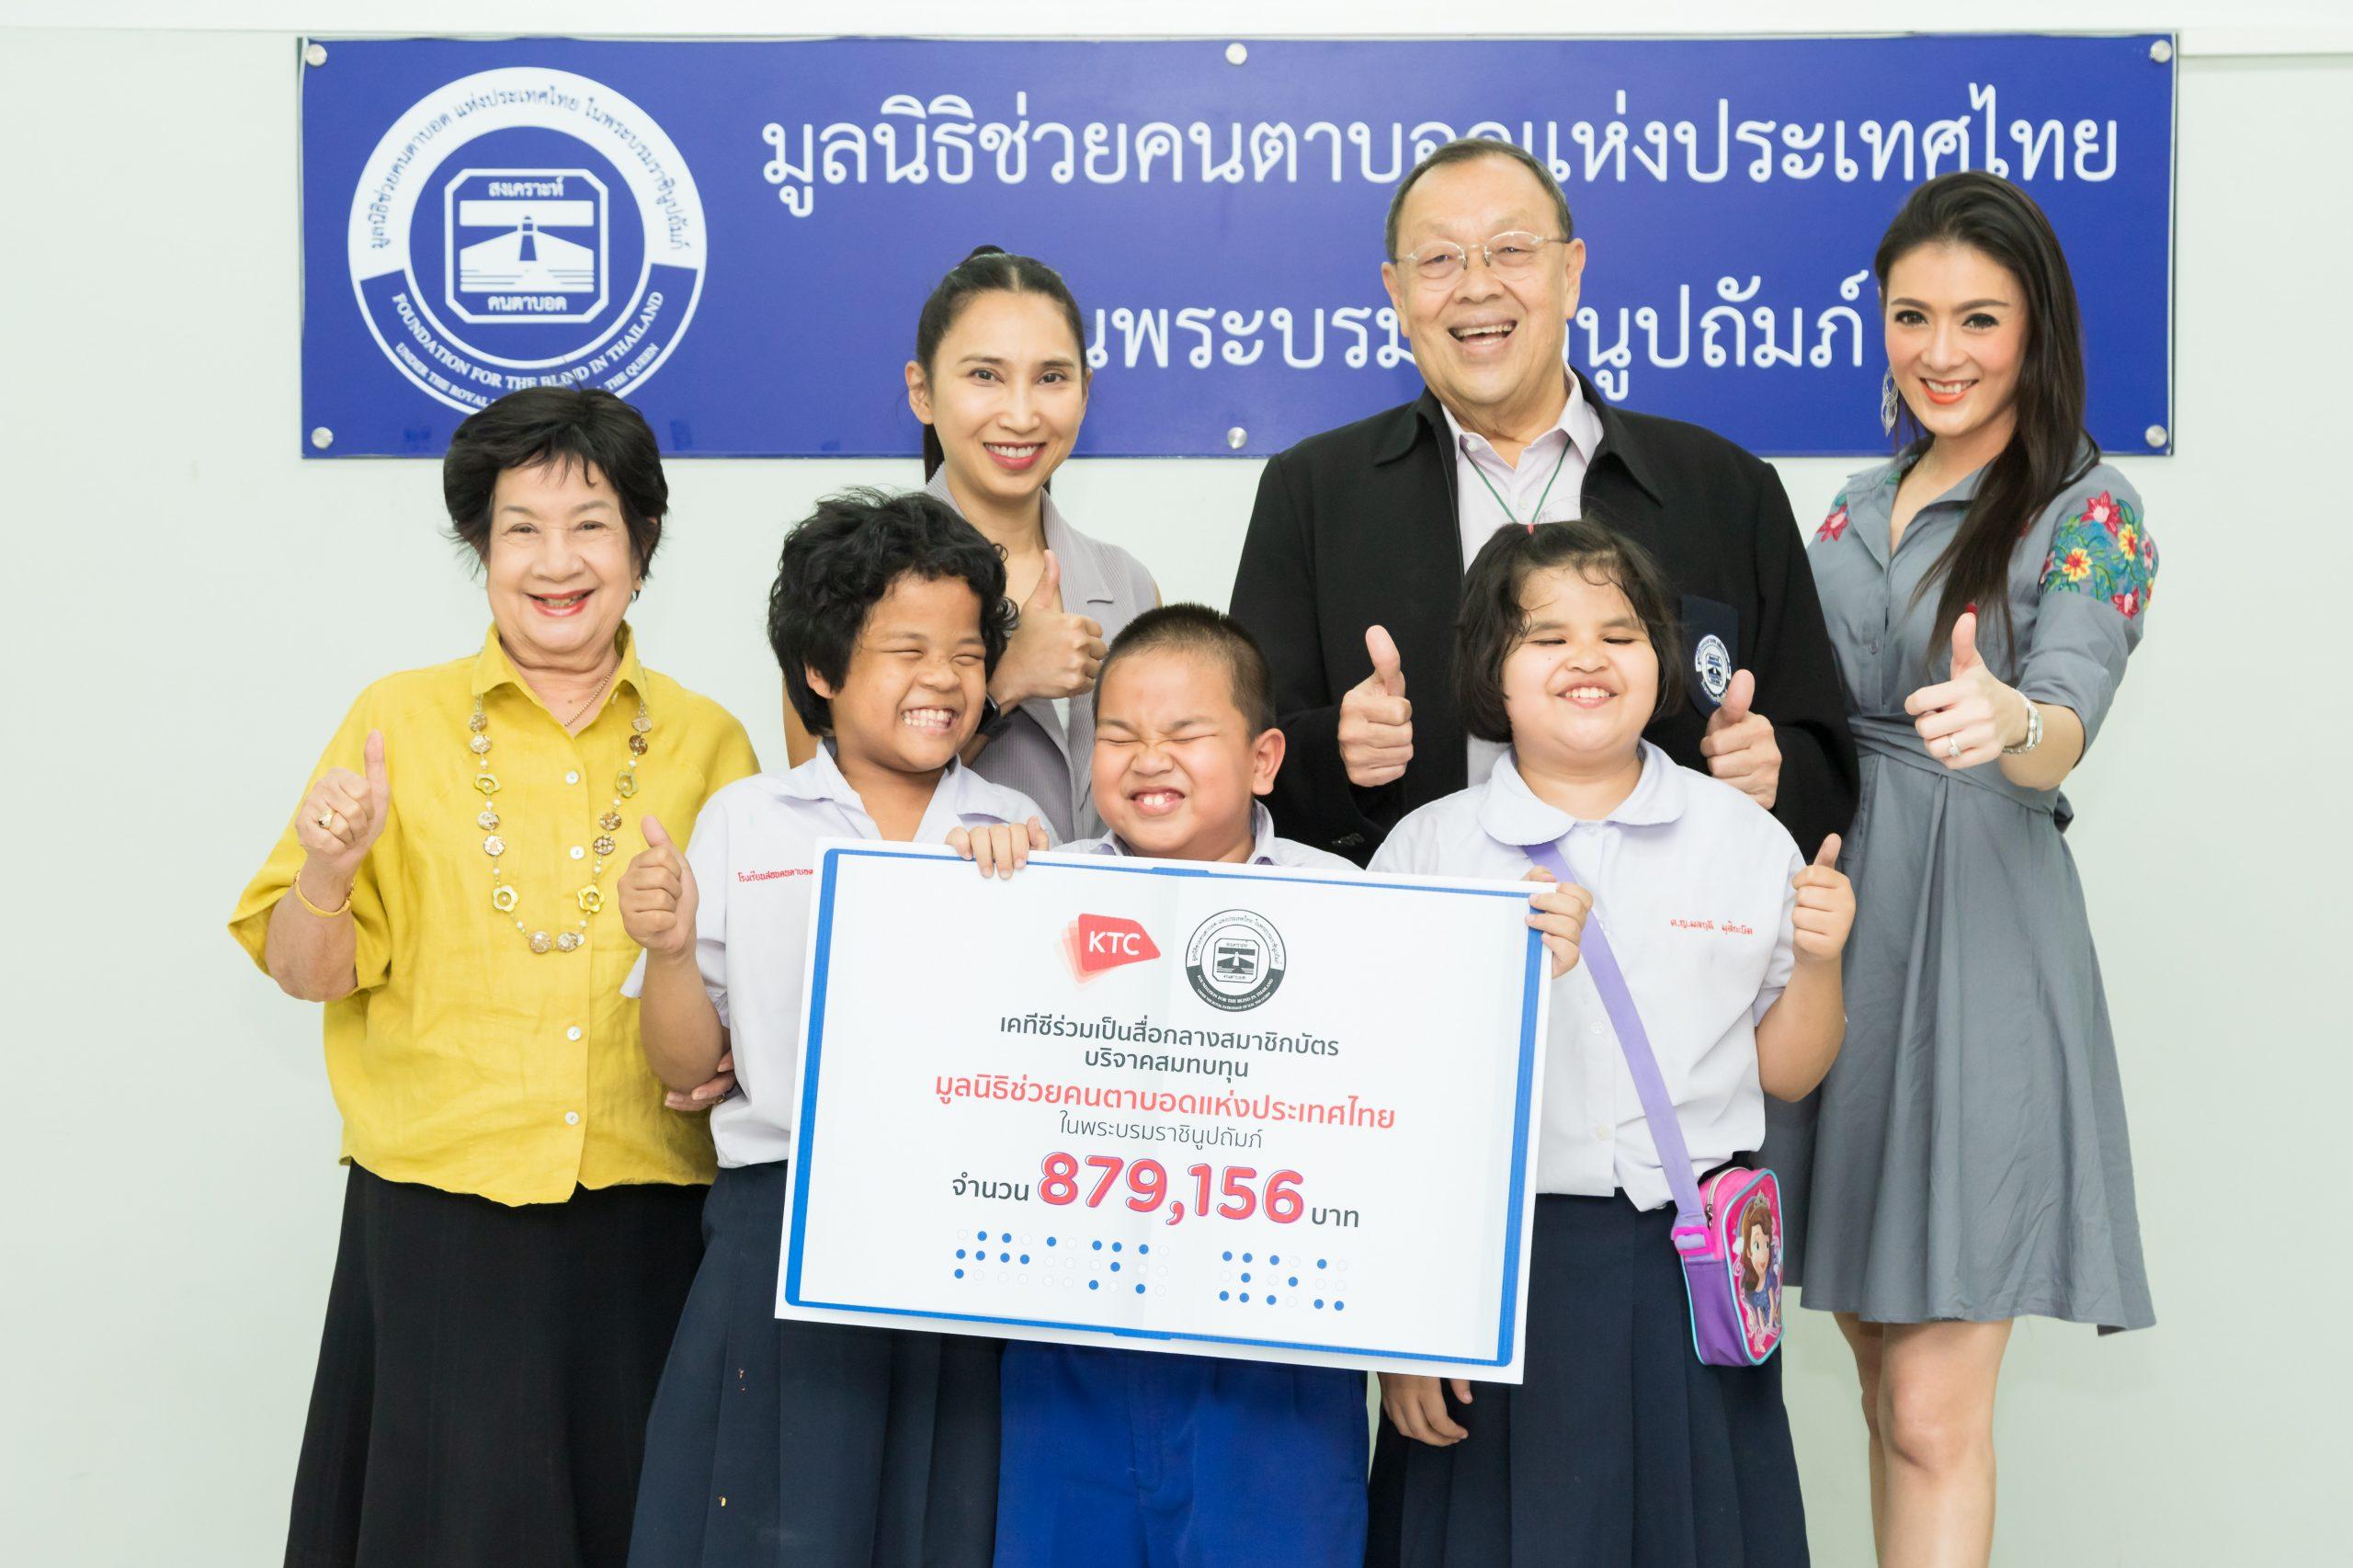 ภาพข่าว: เคทีซีควงแขนสมาชิกส่งมอบเงินช่วยเหลือน้องๆ ผู้พิการทางสายตา